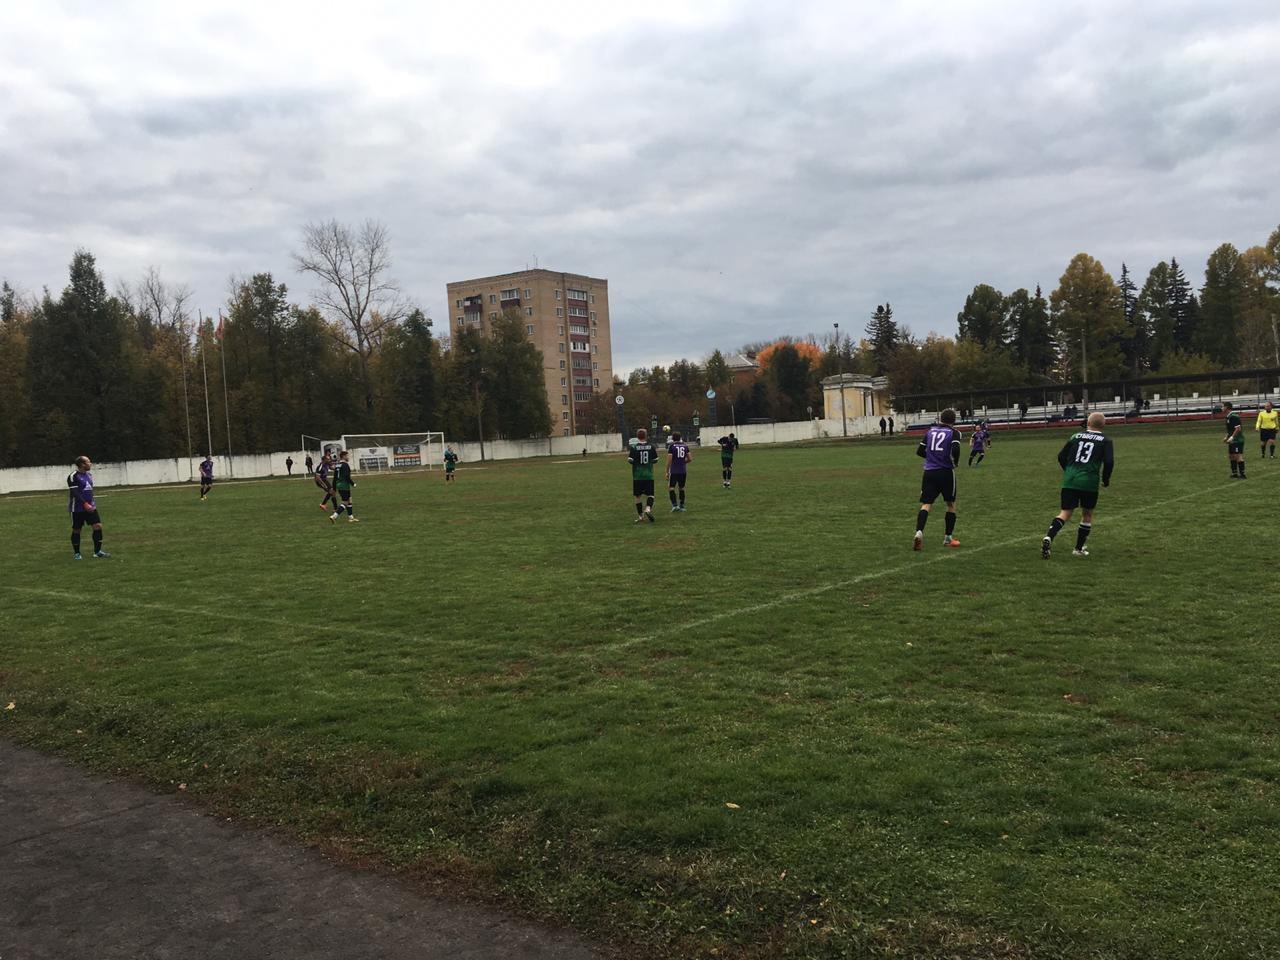 28 сентября в г.Воскресенск состоялась игра Чемпионата Московской области по футболу среди мужских команд.